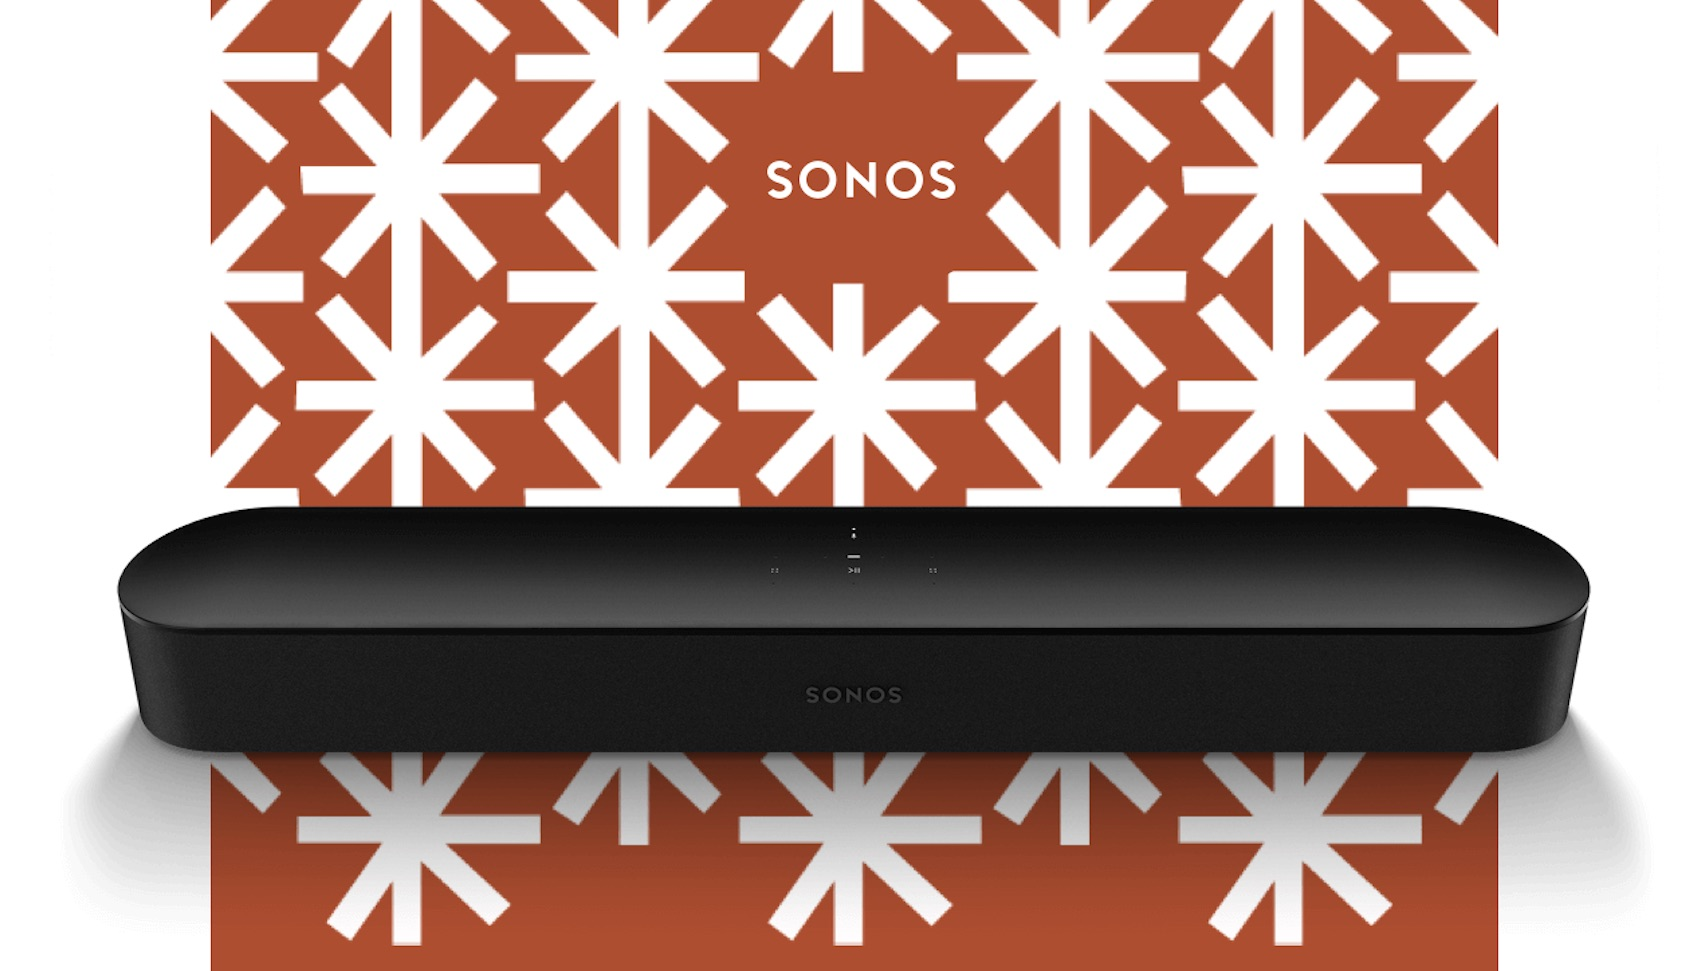 Sonos-Deals zum Black Friday genutzt (Foto: Sonos)